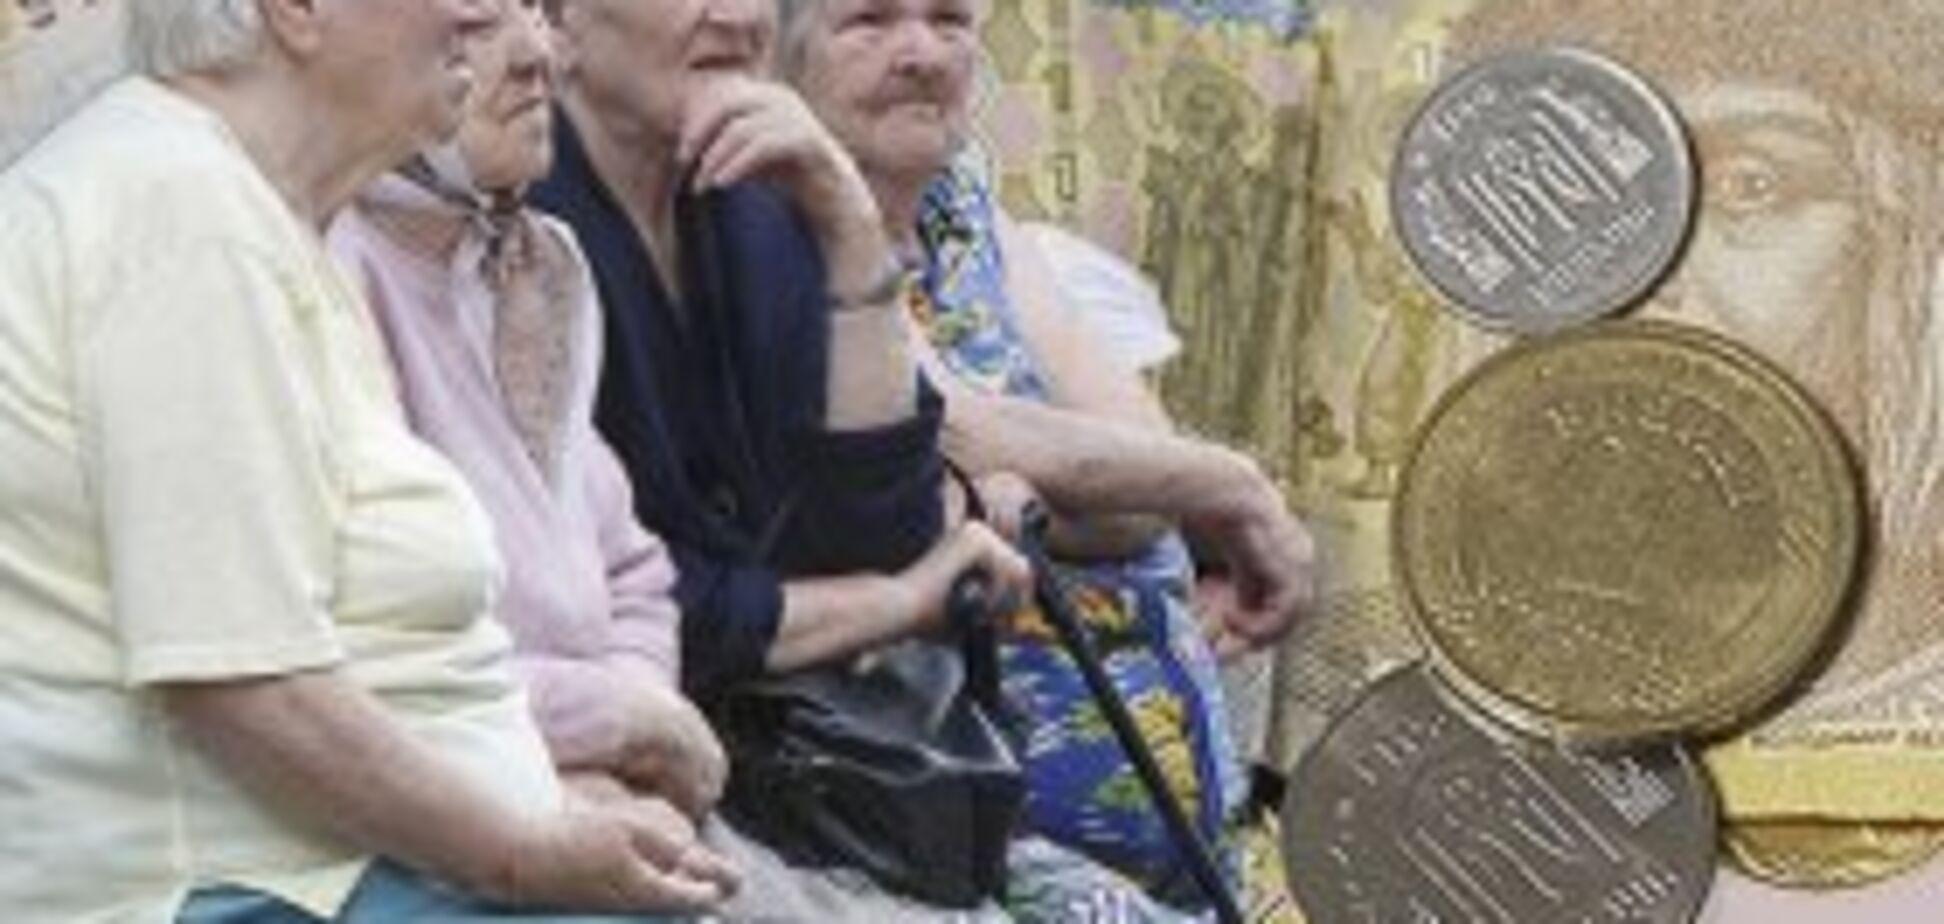 Государству пора вспомнить о своих обязательствах перед пенсионерами Донбасса